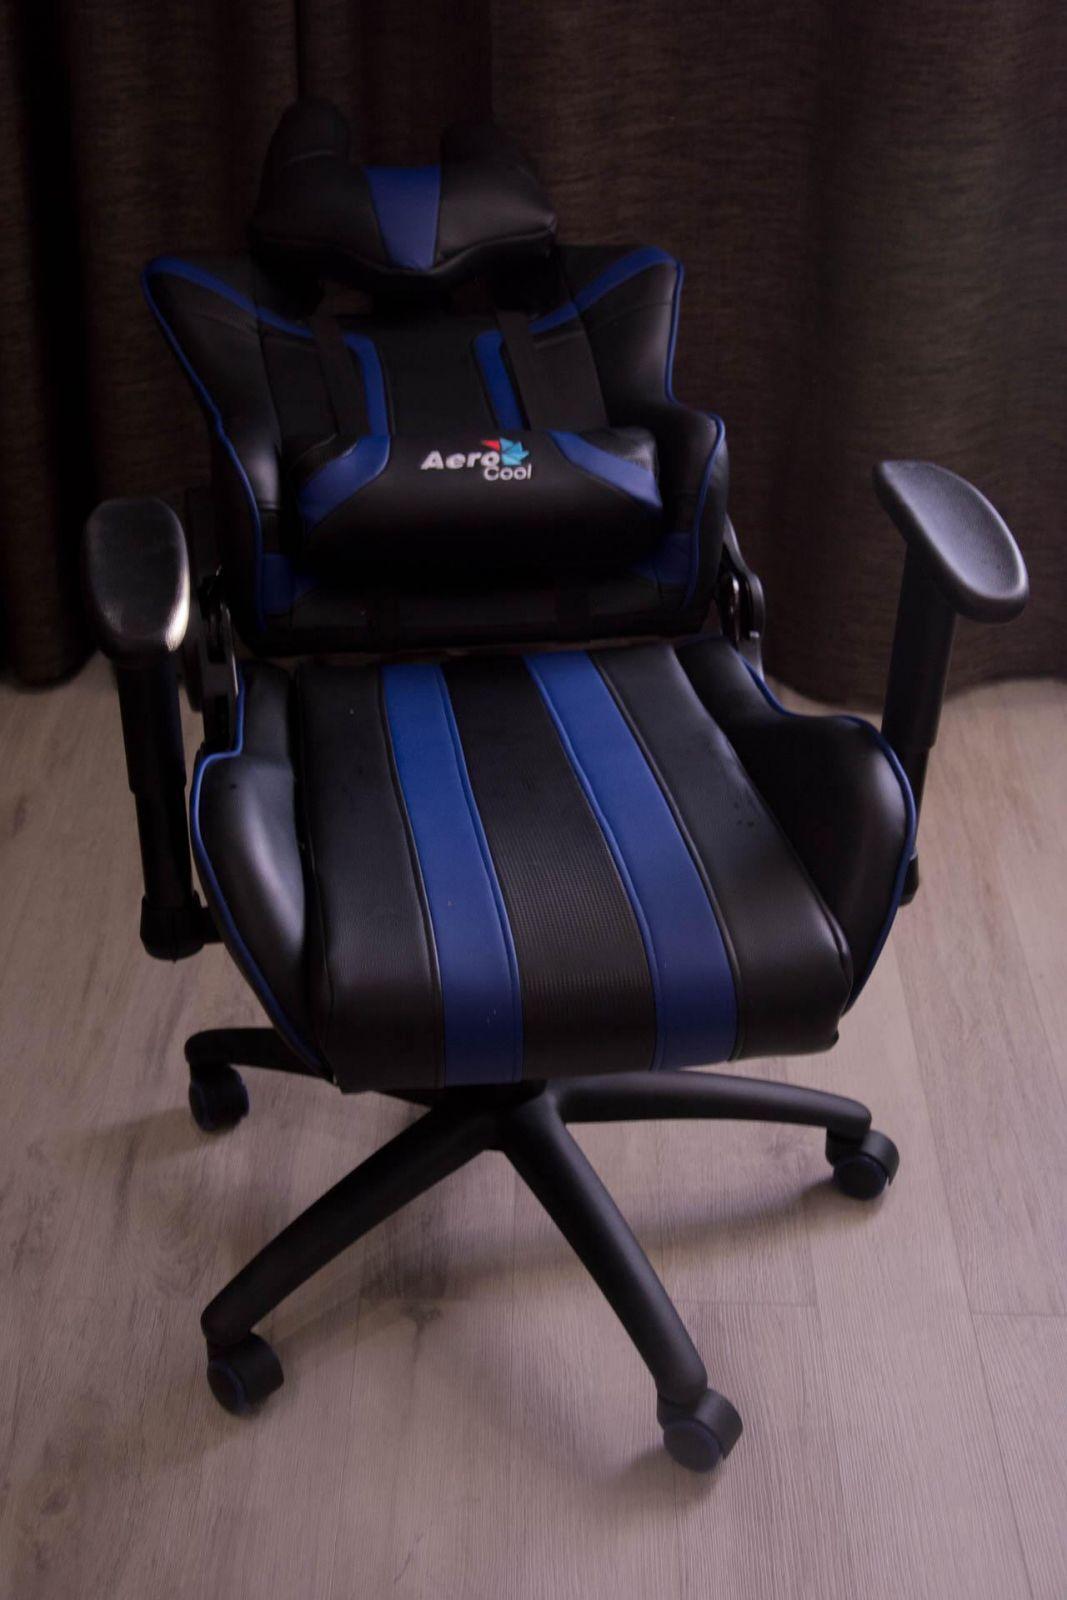 Геймерский трон. Обзор кресла AeroCool AC120 (DSC 4028)